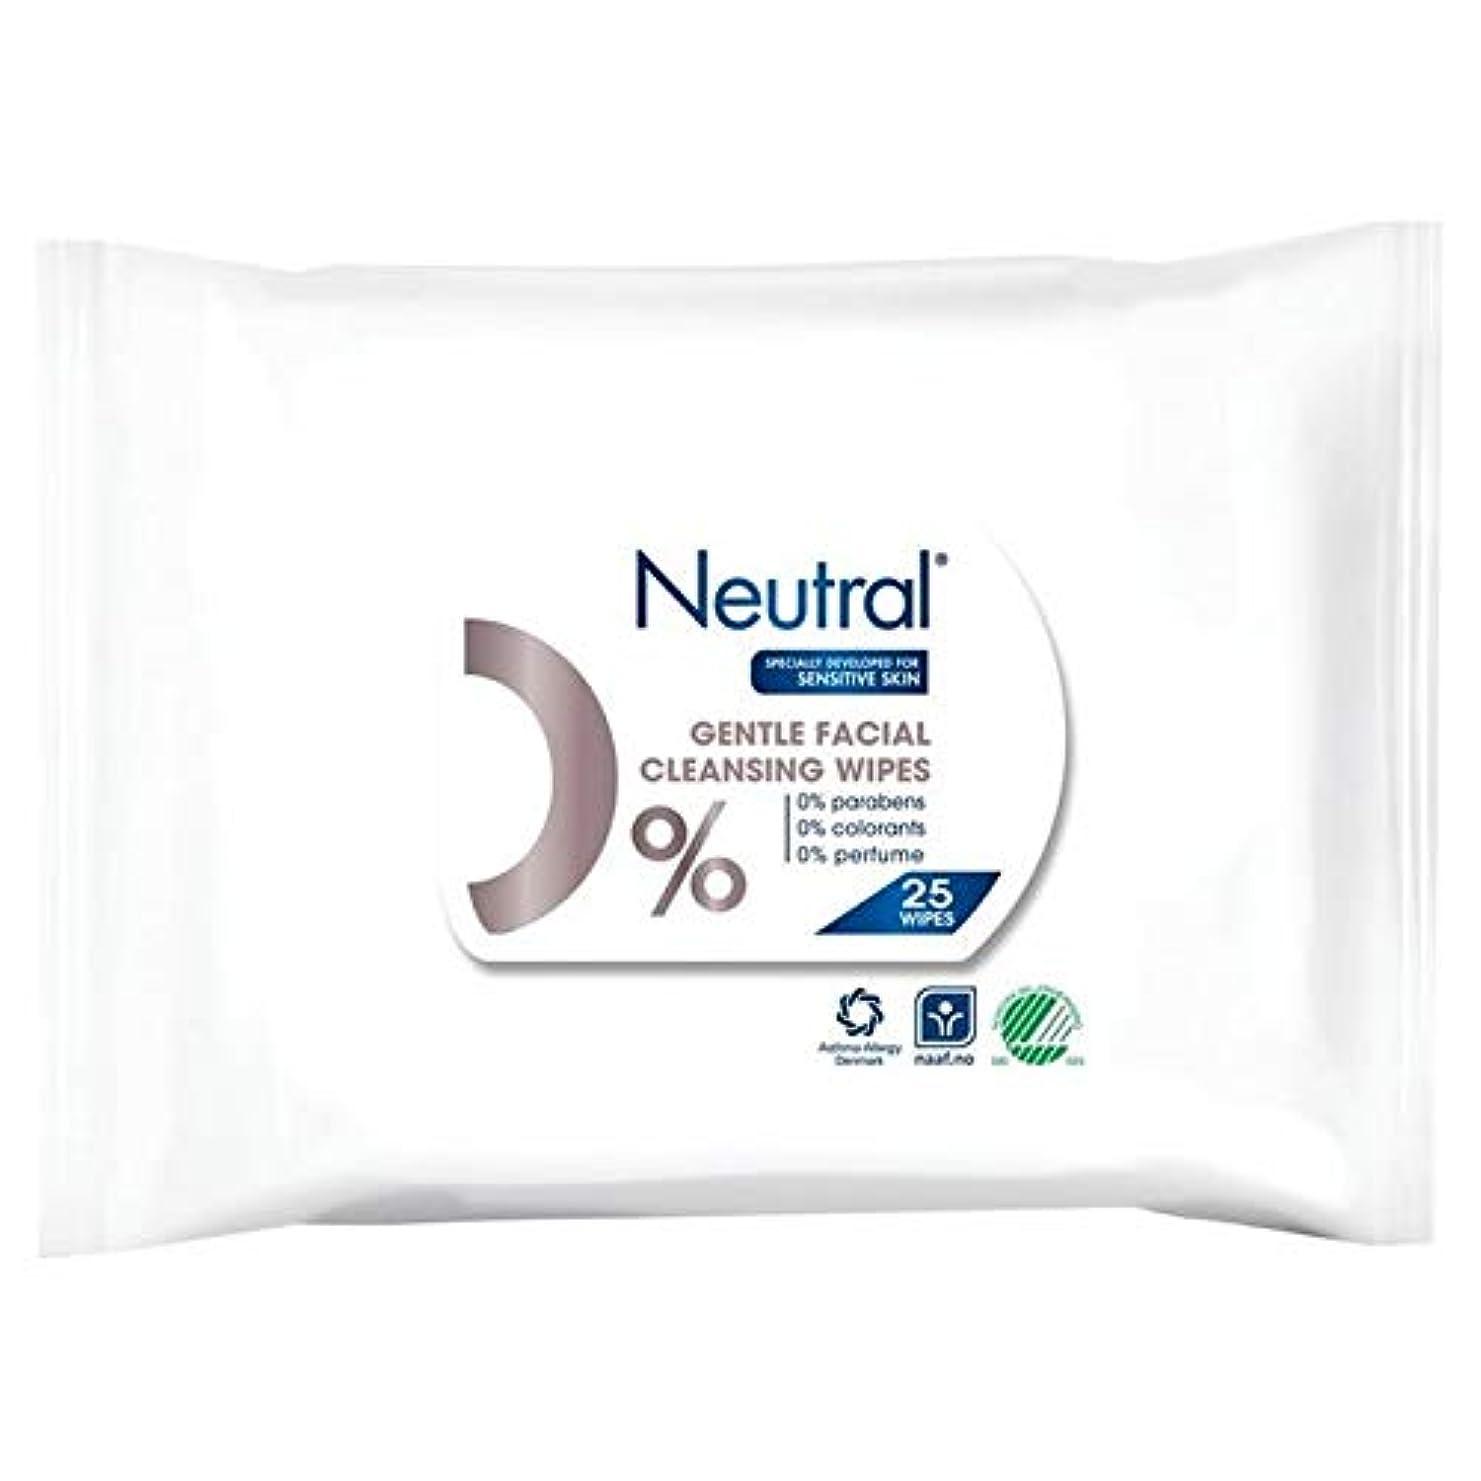 侮辱飛躍写真を描く[Neutral ] ニュートラル0%顔はパックあたり25ワイプ - Neutral 0% Face Wipes 25 per pack [並行輸入品]